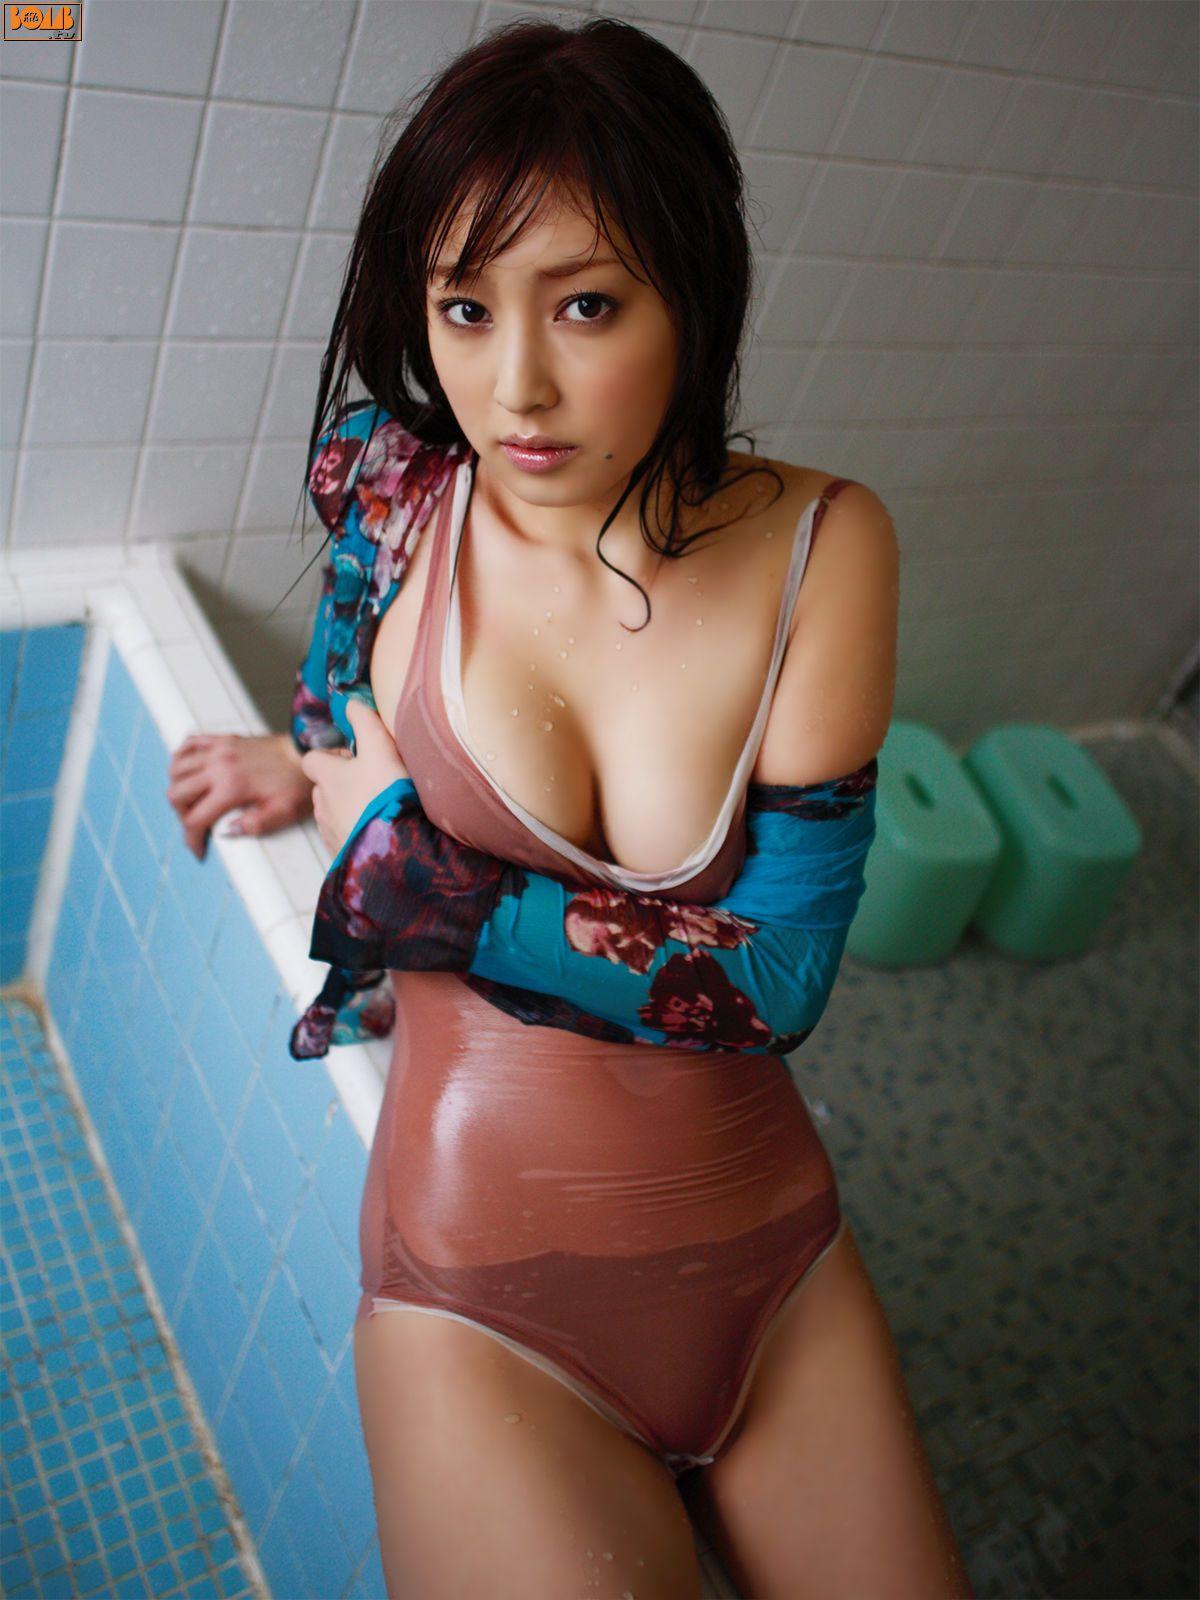 池田夏希-[Bomb.TV]套图2009-03_0